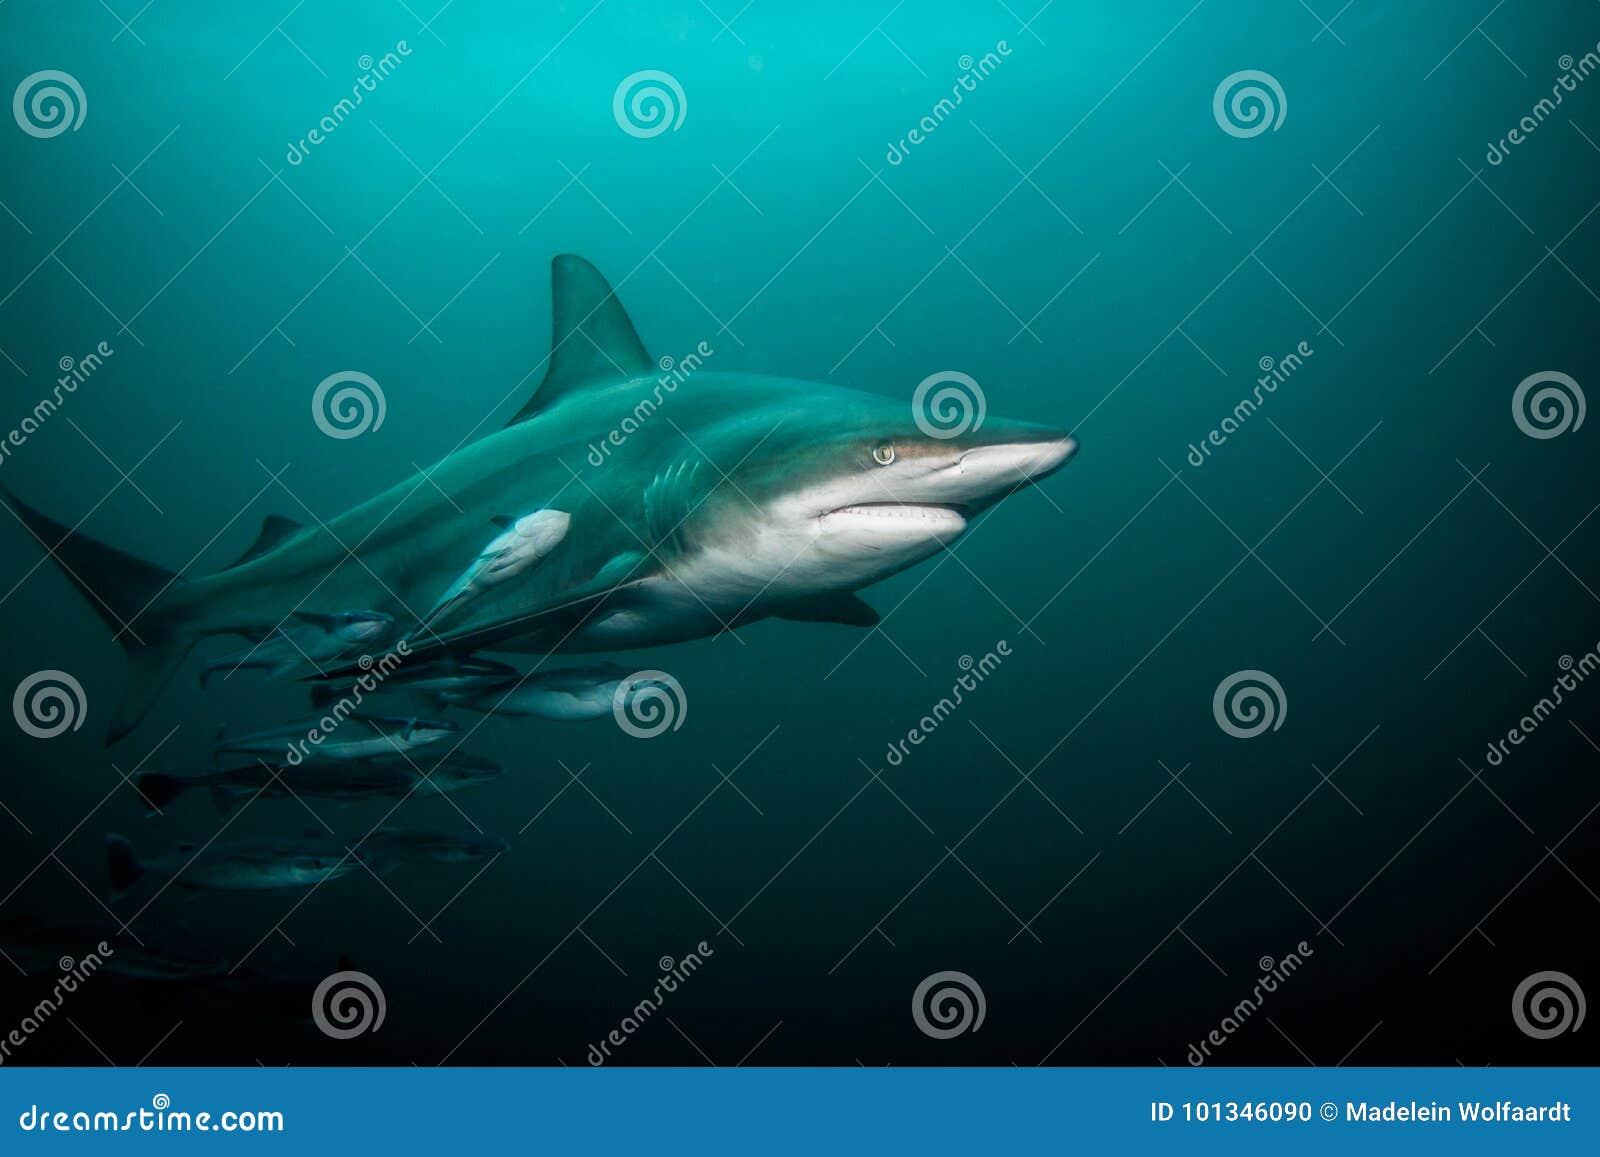 Pelagic Black Tip shark swimming underwater, full length shot.